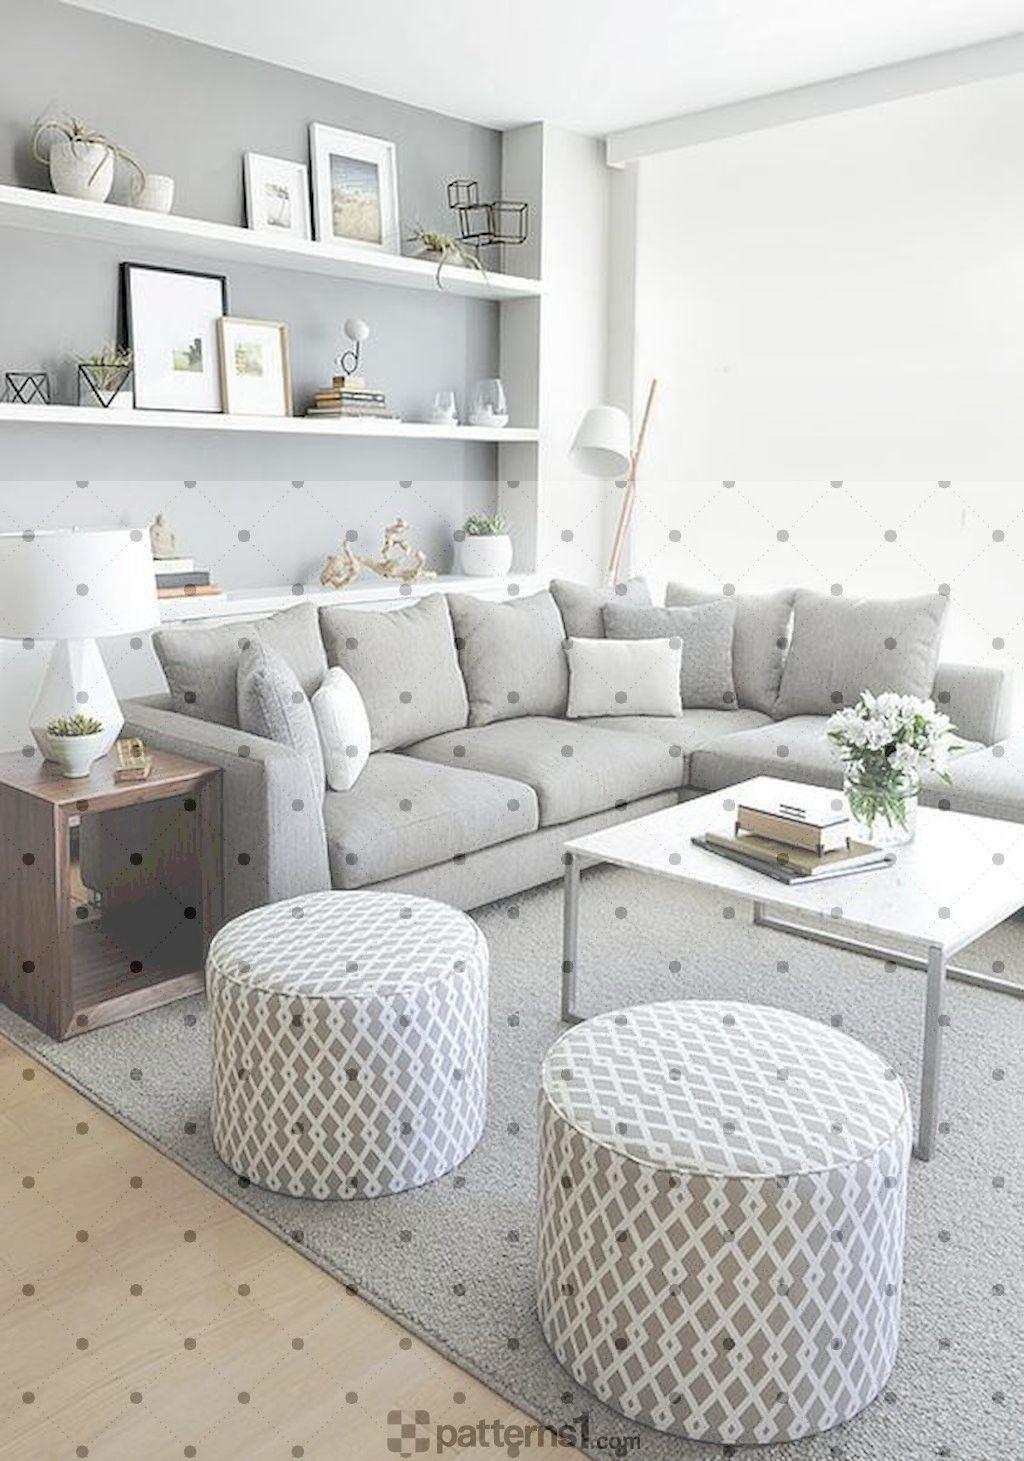 5 Stupefying Useful Ideas Texas Rustic Home Decor Fall Area RugsSmall